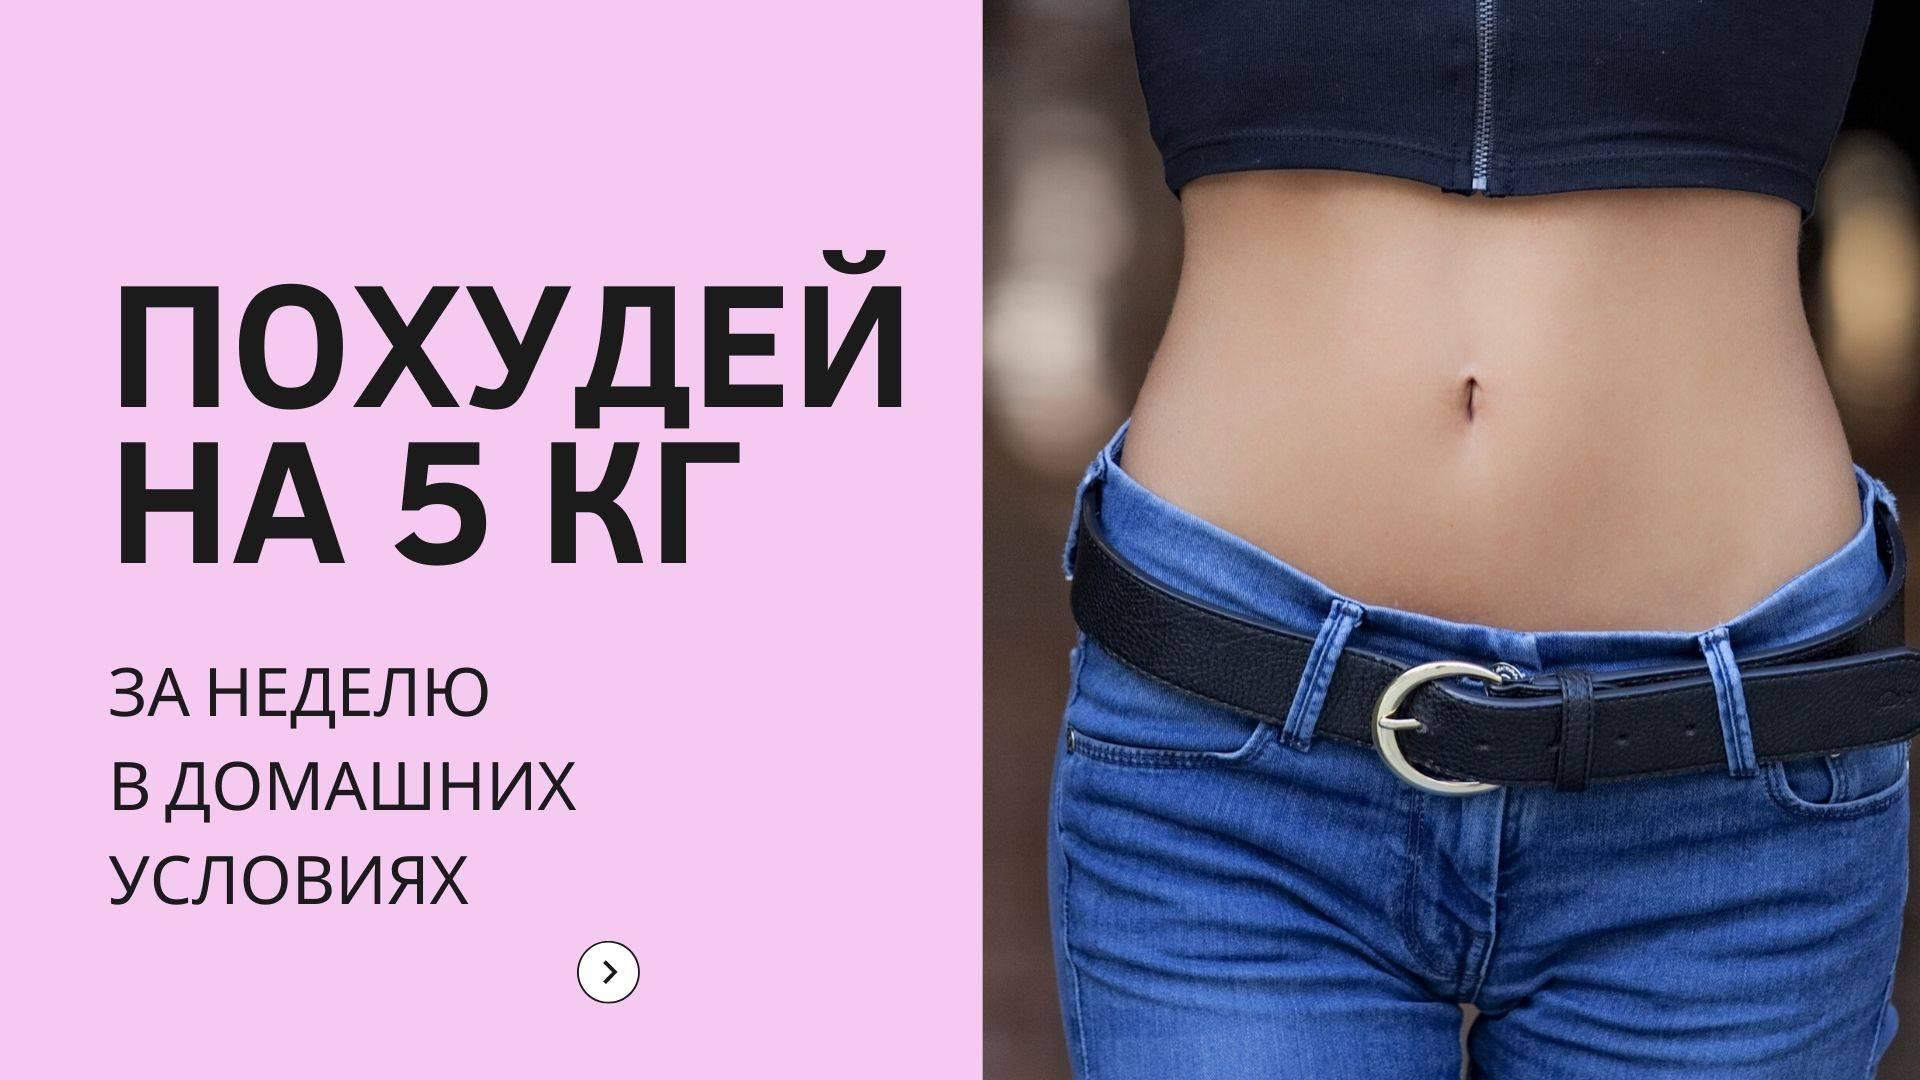 7 способов похудеть за неделю без вреда для здоровья - allslim.ru